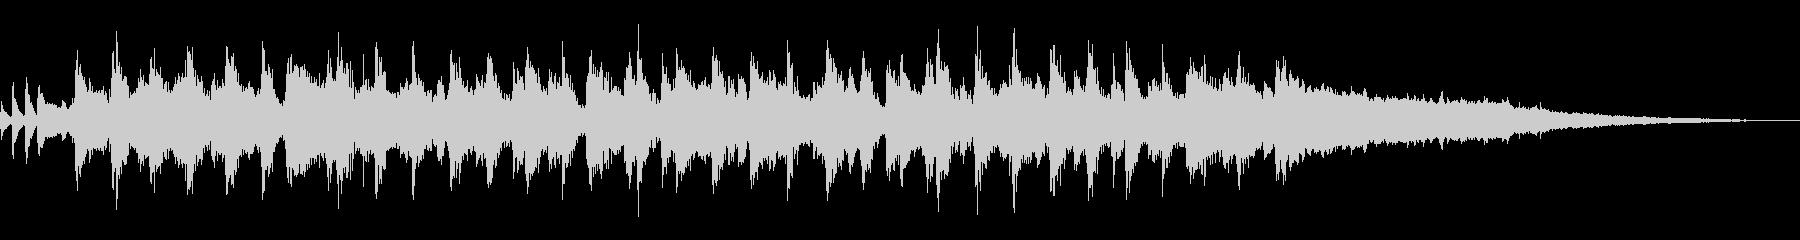 カズー/明るい・楽しいポップBGM短尺の未再生の波形